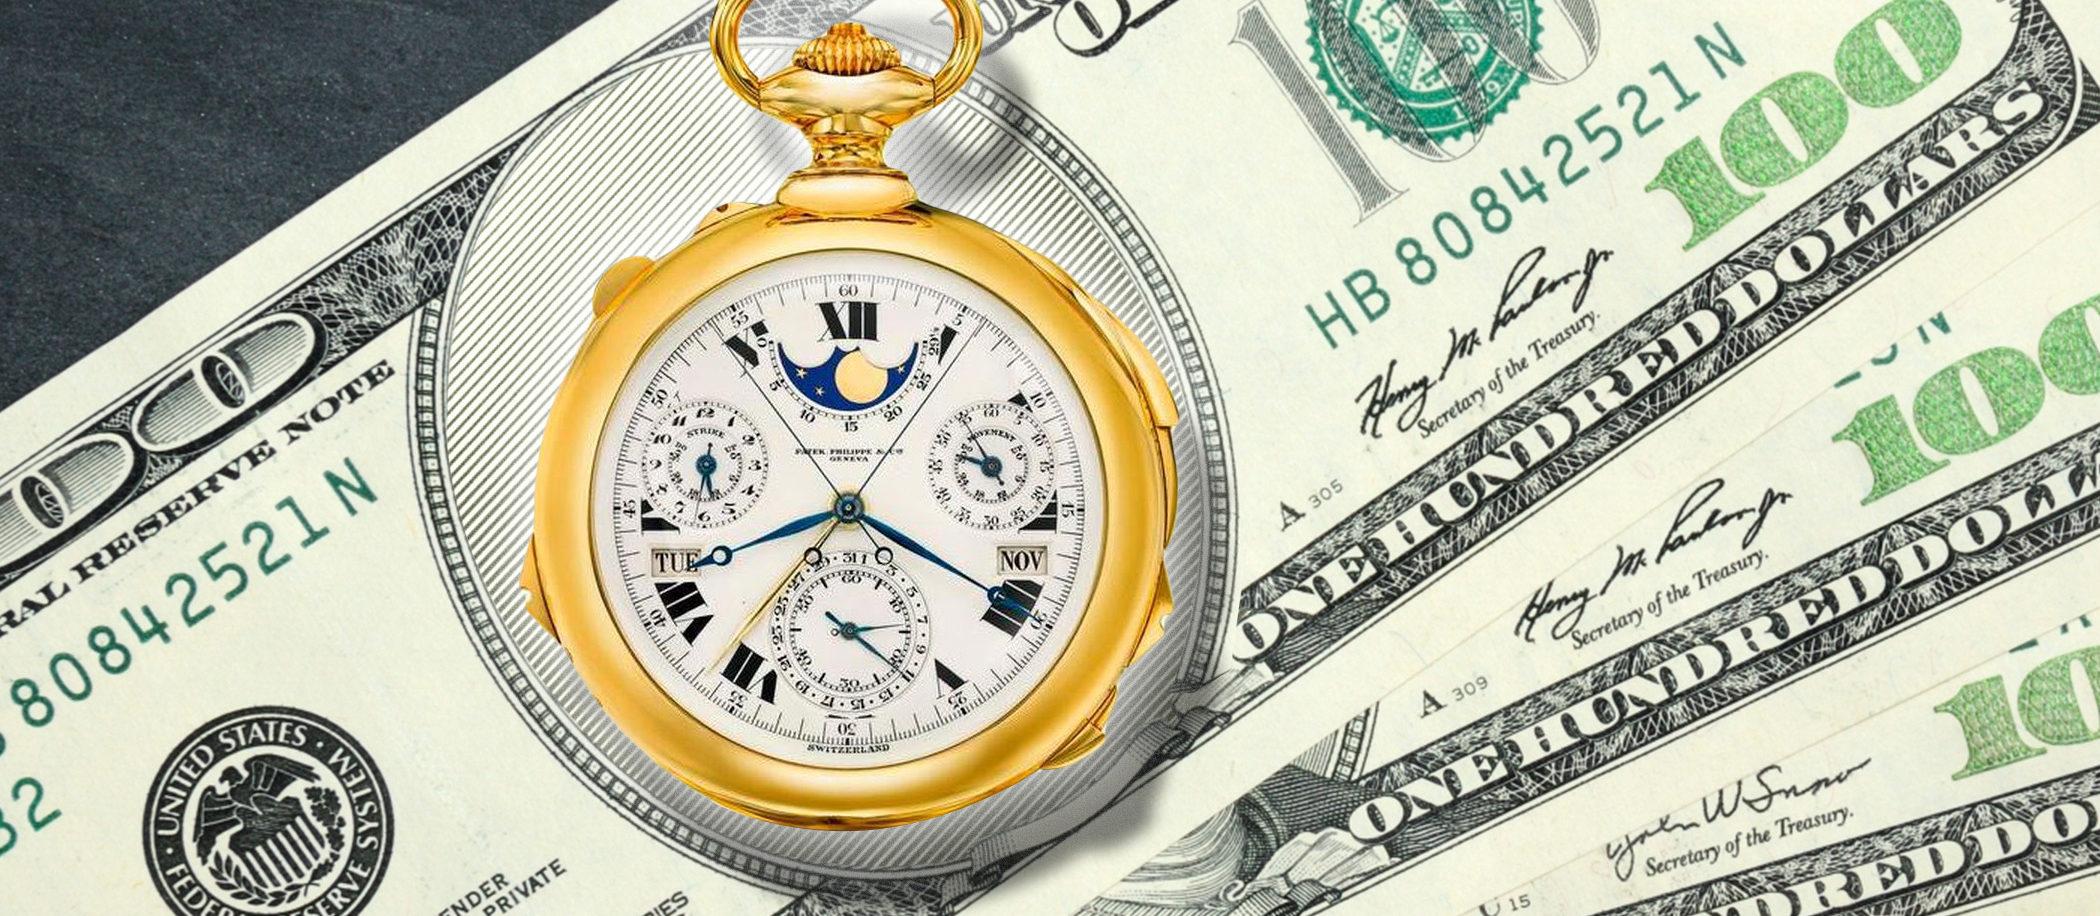 Najdroższe zegarki świata!